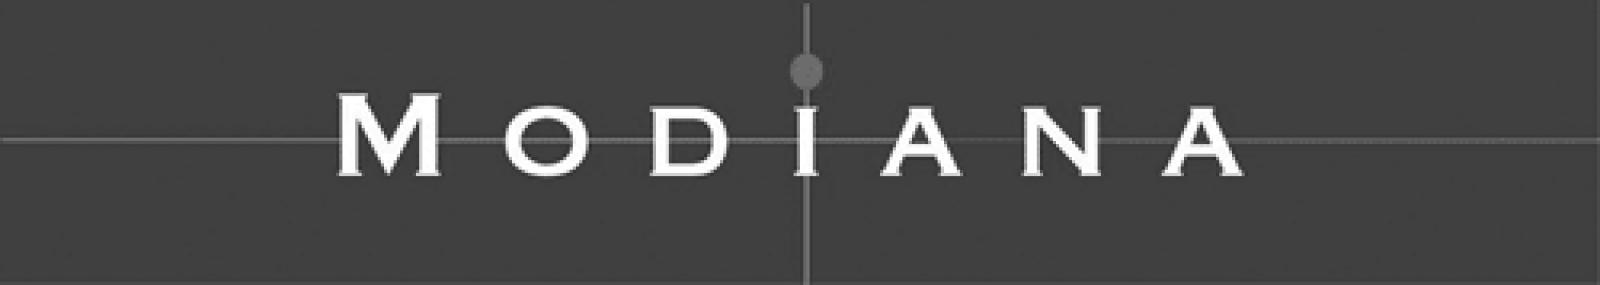 Bilbord za kompaniju Modiana